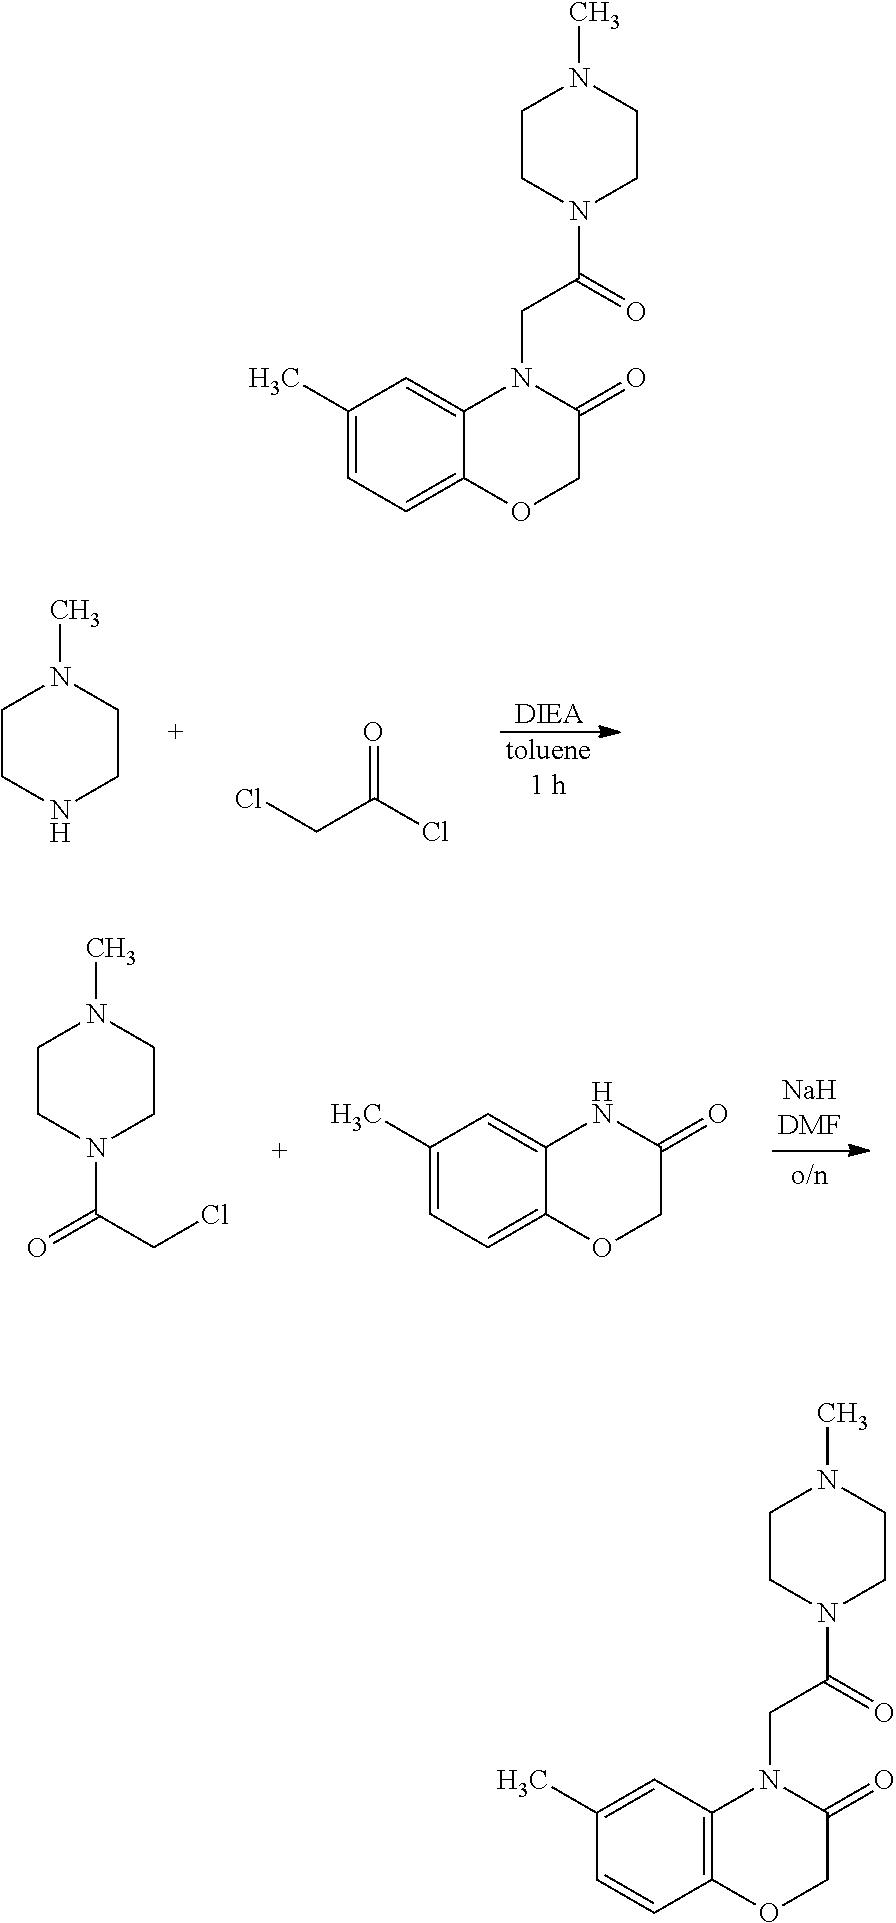 Figure US20190106394A1-20190411-C00101